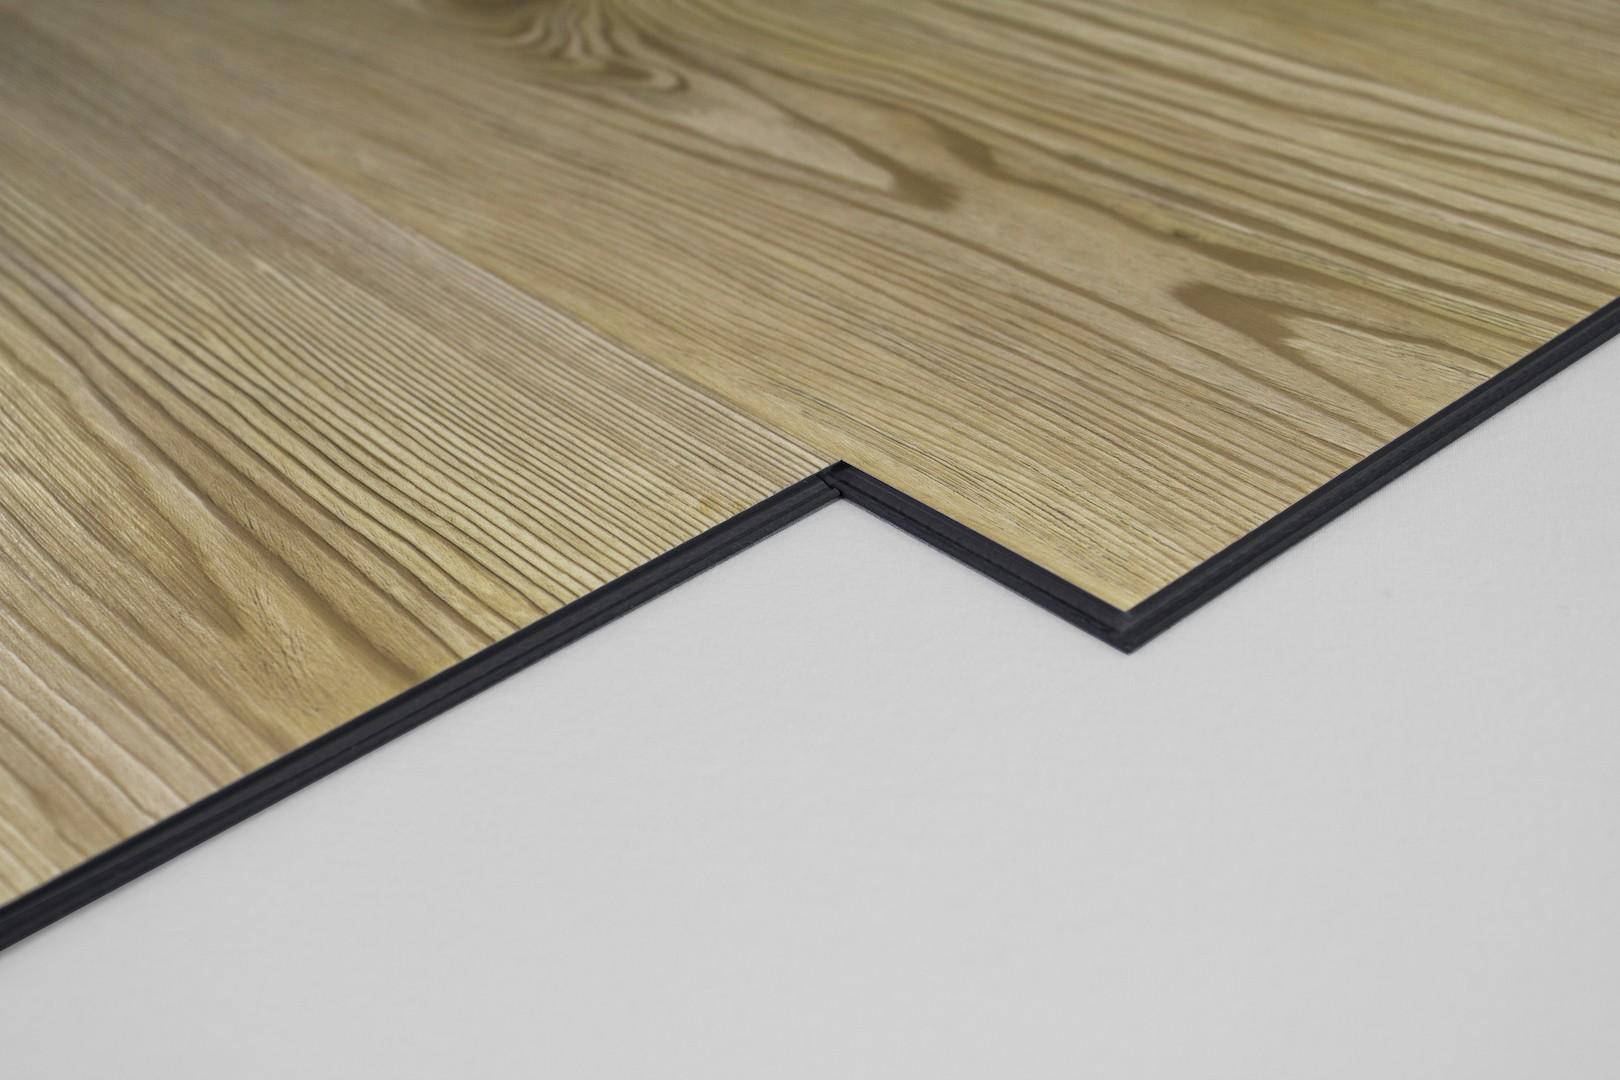 Sparpaket 25 44 M Vinylboden In 4 2mm Uniclic Klick Pvc Dielen